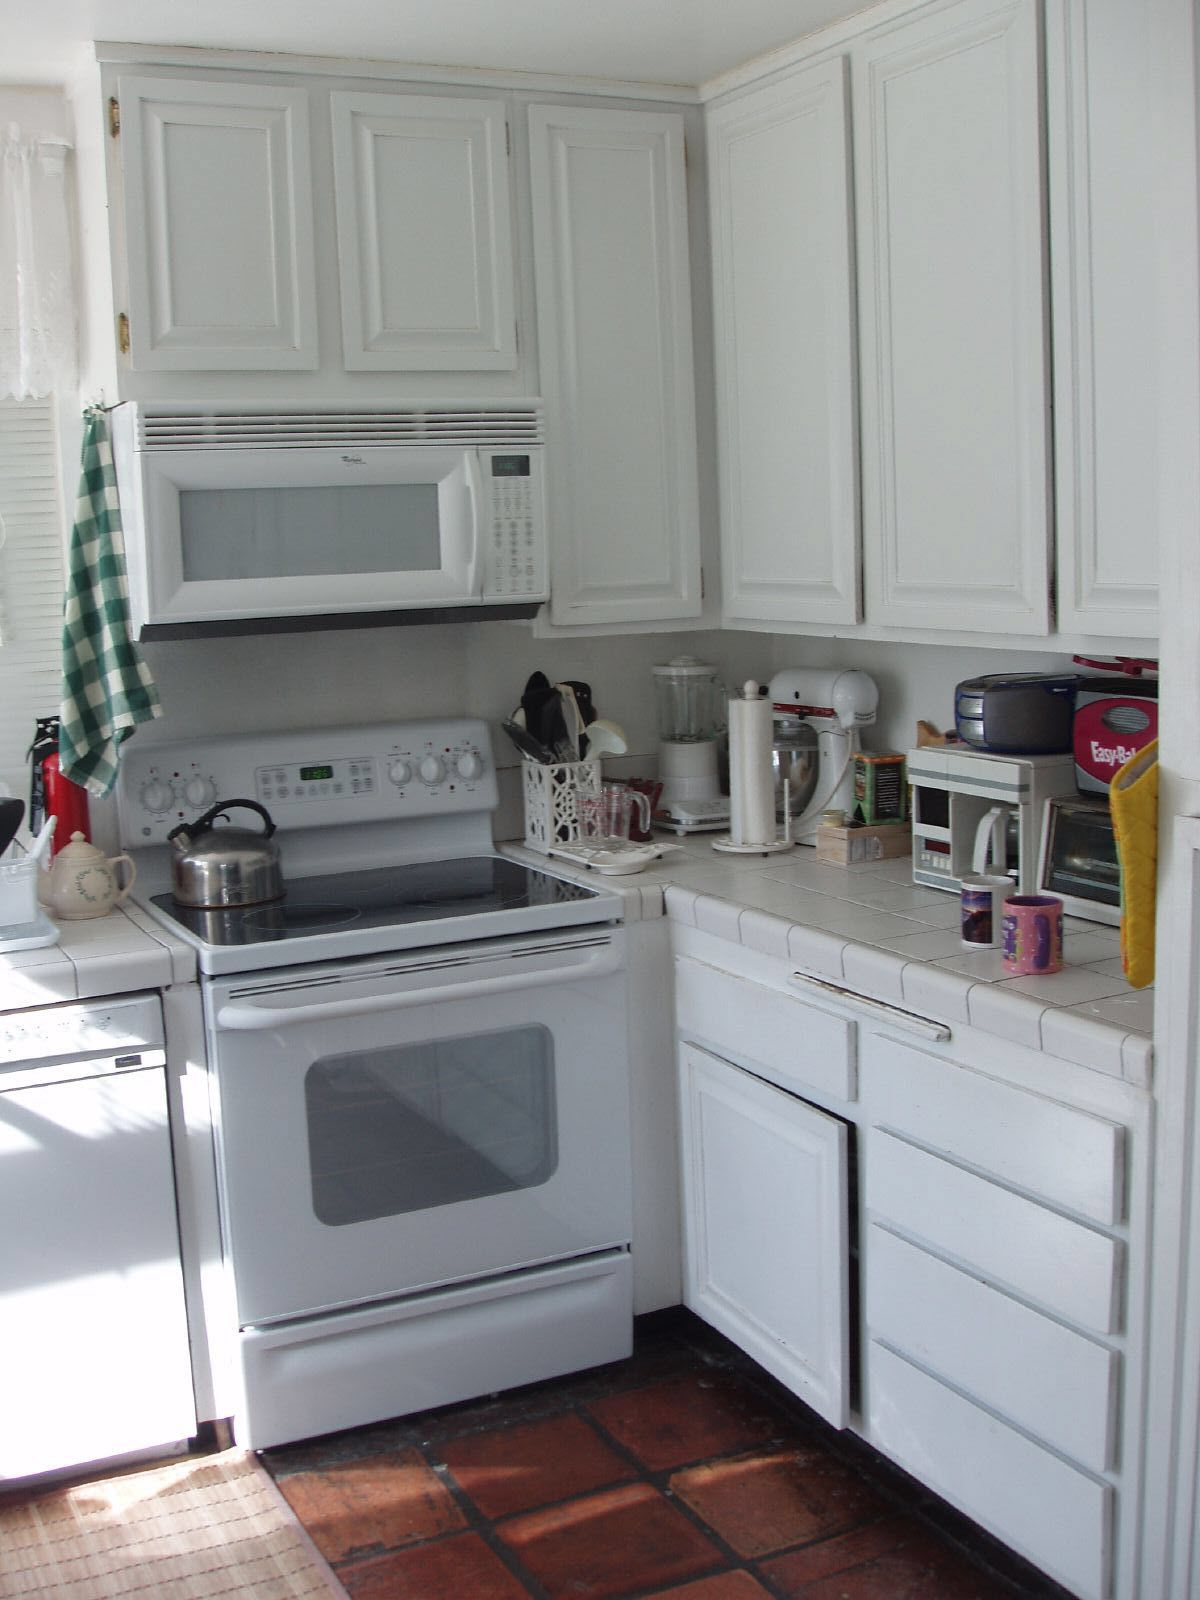 muebles hasta el techo en cocina pequeña | cuines | Pinterest ...